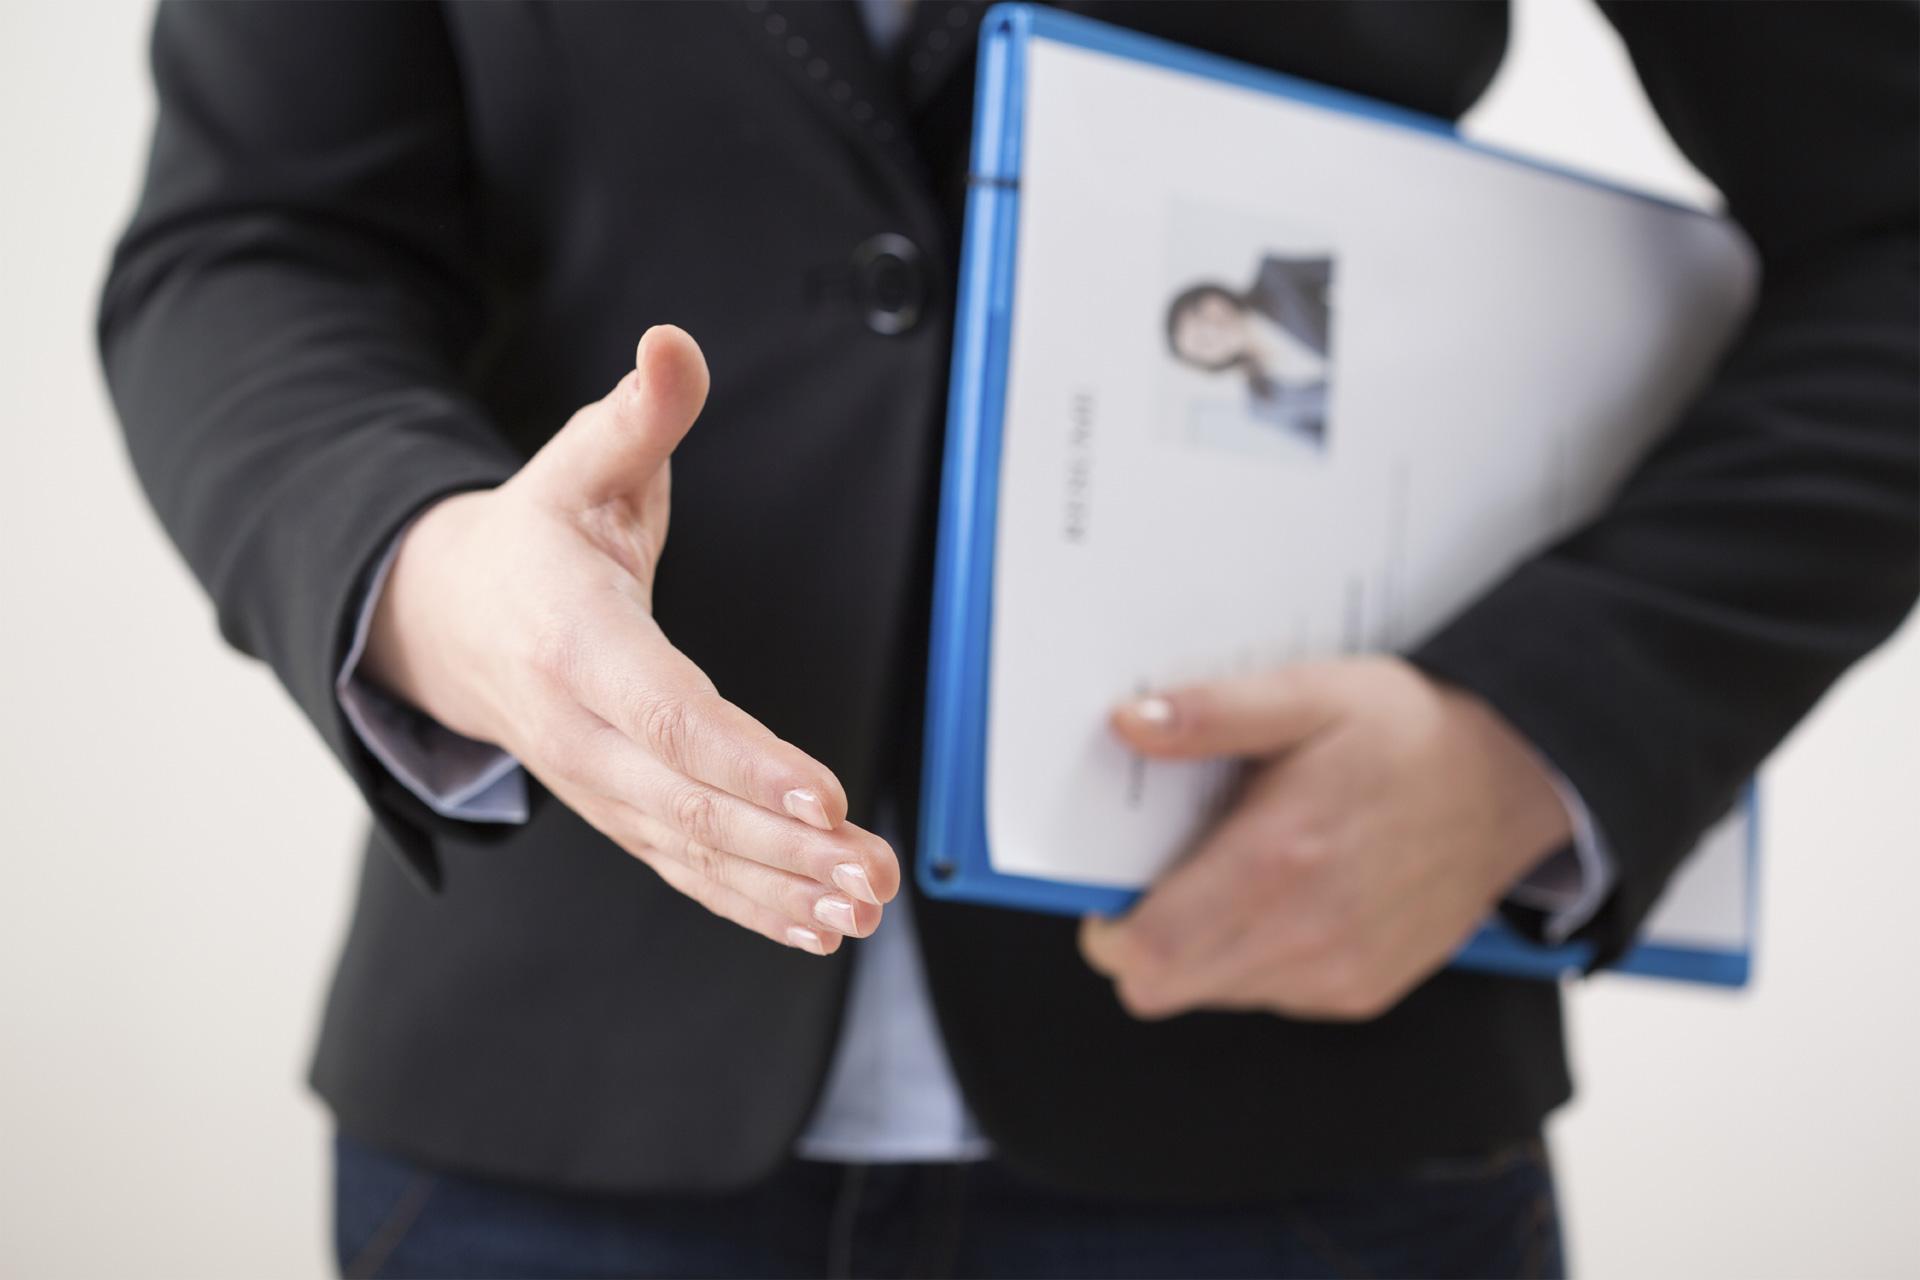 Te ayudará a conseguir proyectos que podrían impulsar tu carrera y a crear redes de contactos